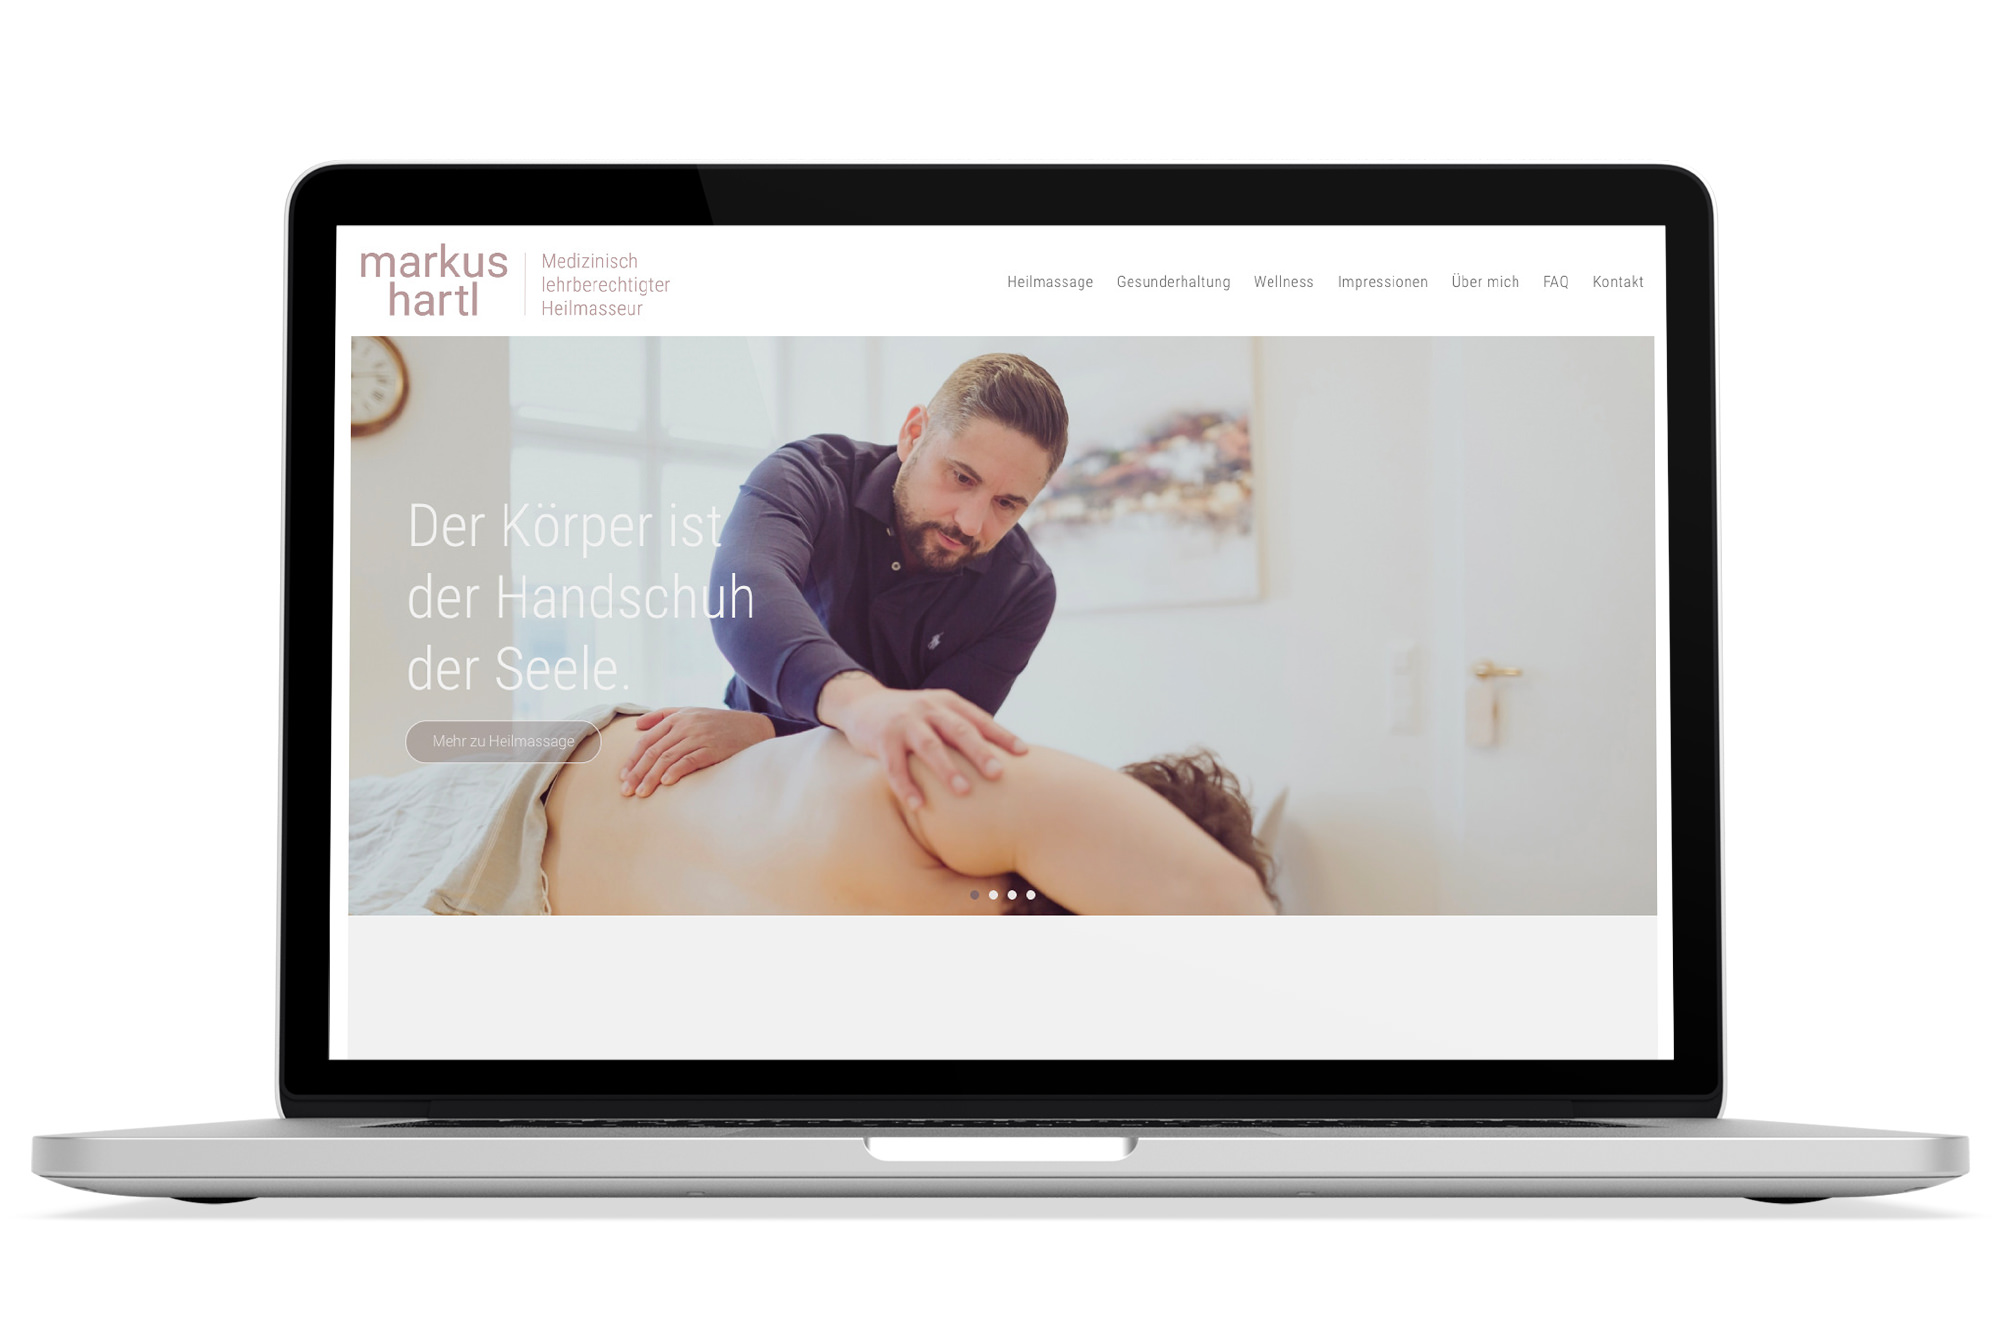 Responsive Webdesign Beispiel: Neue mobile Webseite für Massage 1060 Wien